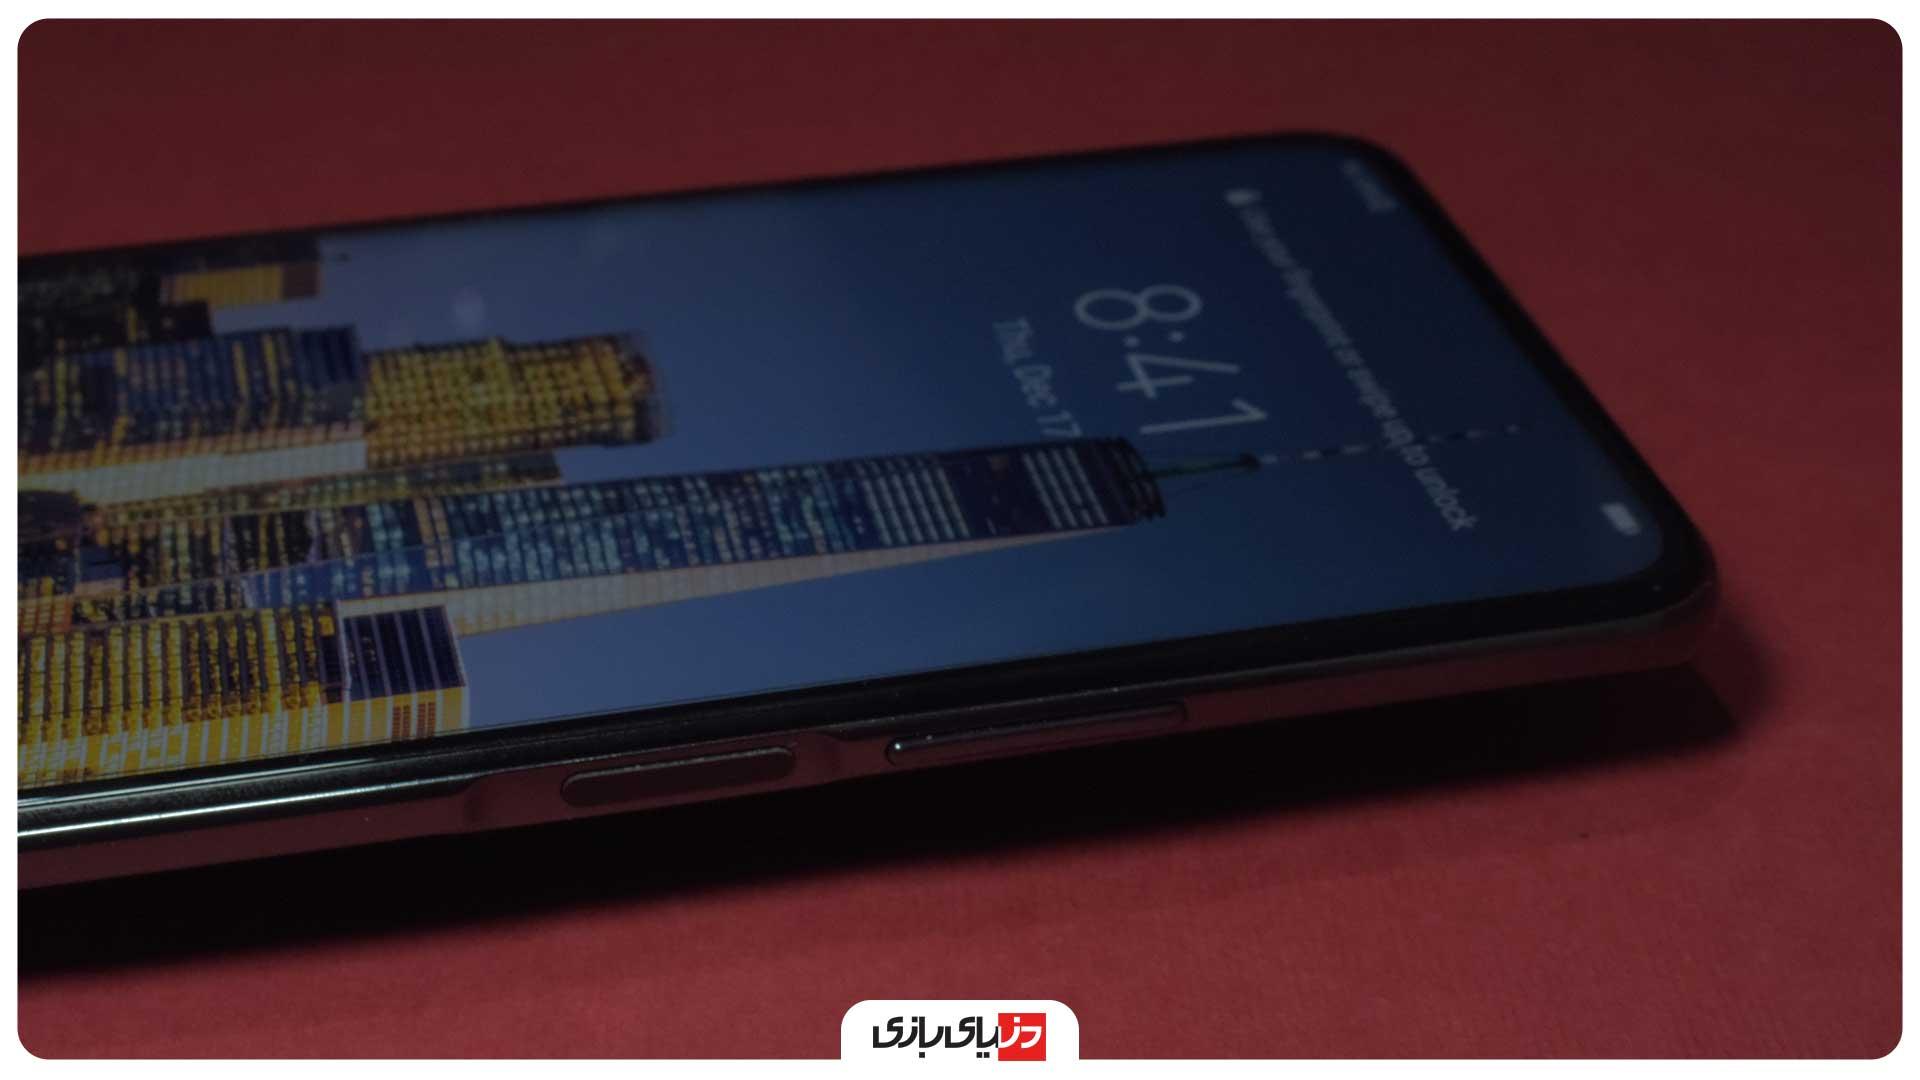 بررسی موبایل Huawei Y9a